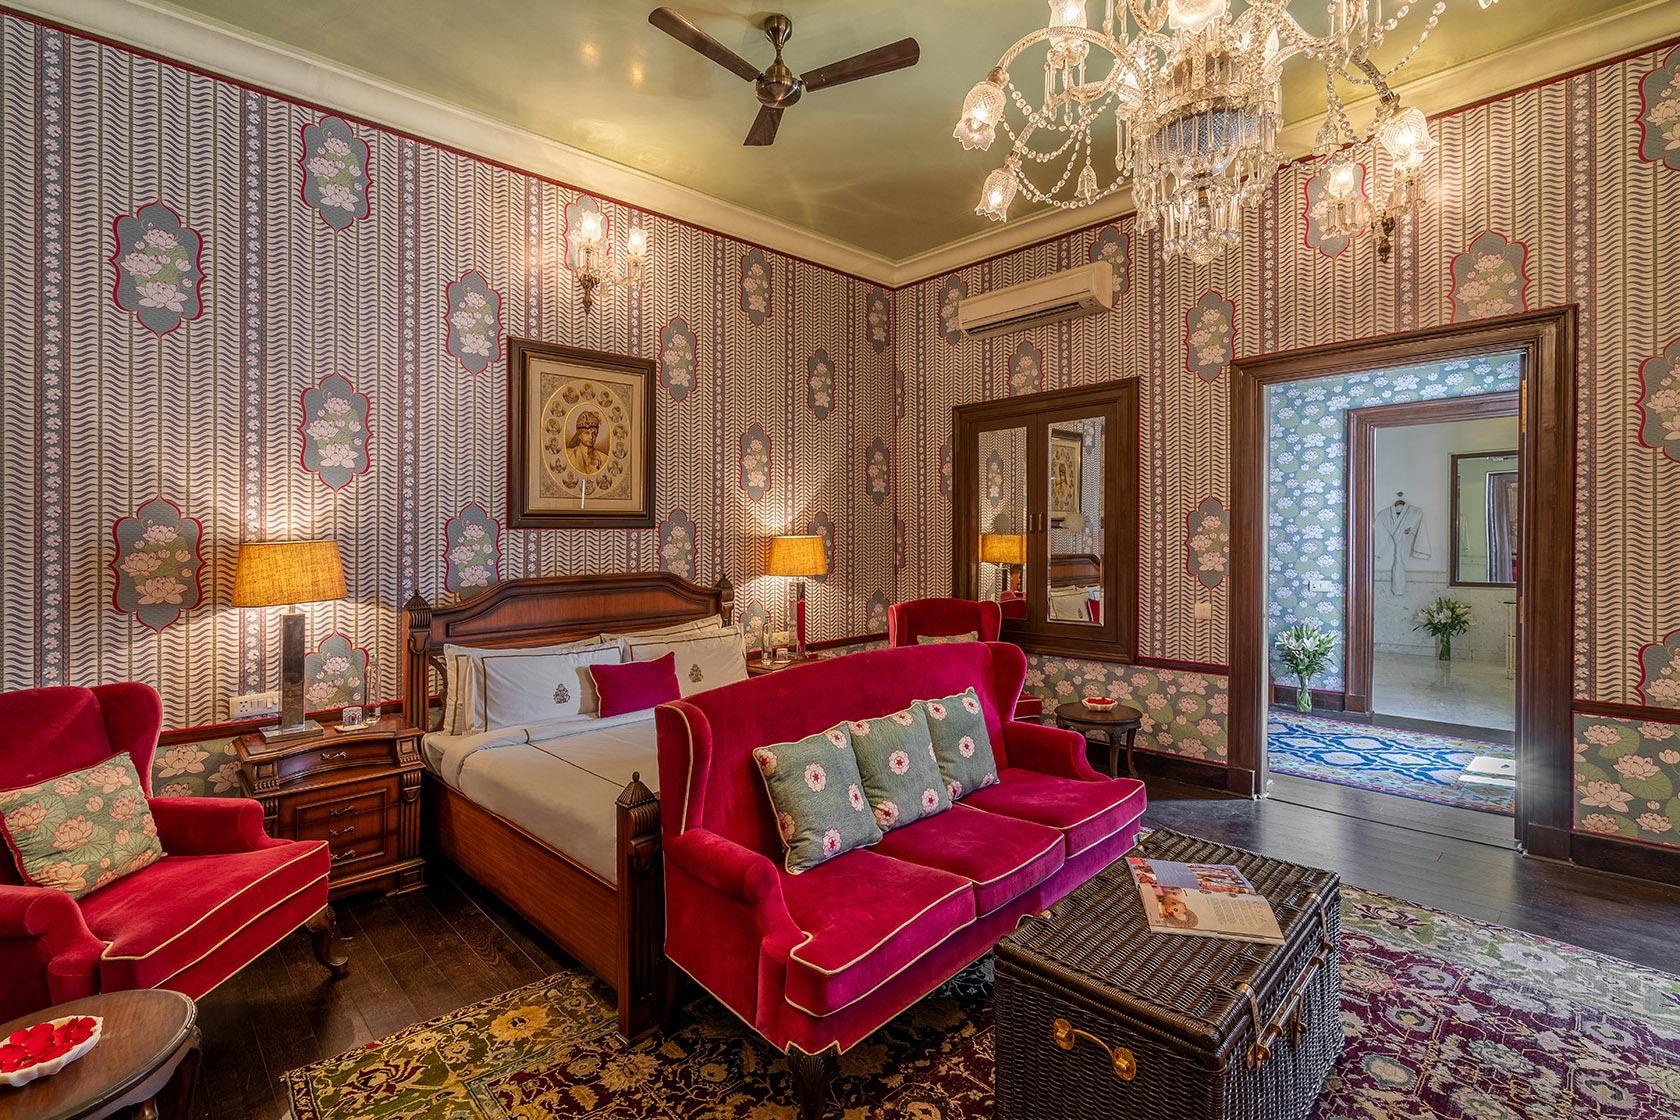 Yuvraj Suite Rajmahal Palace